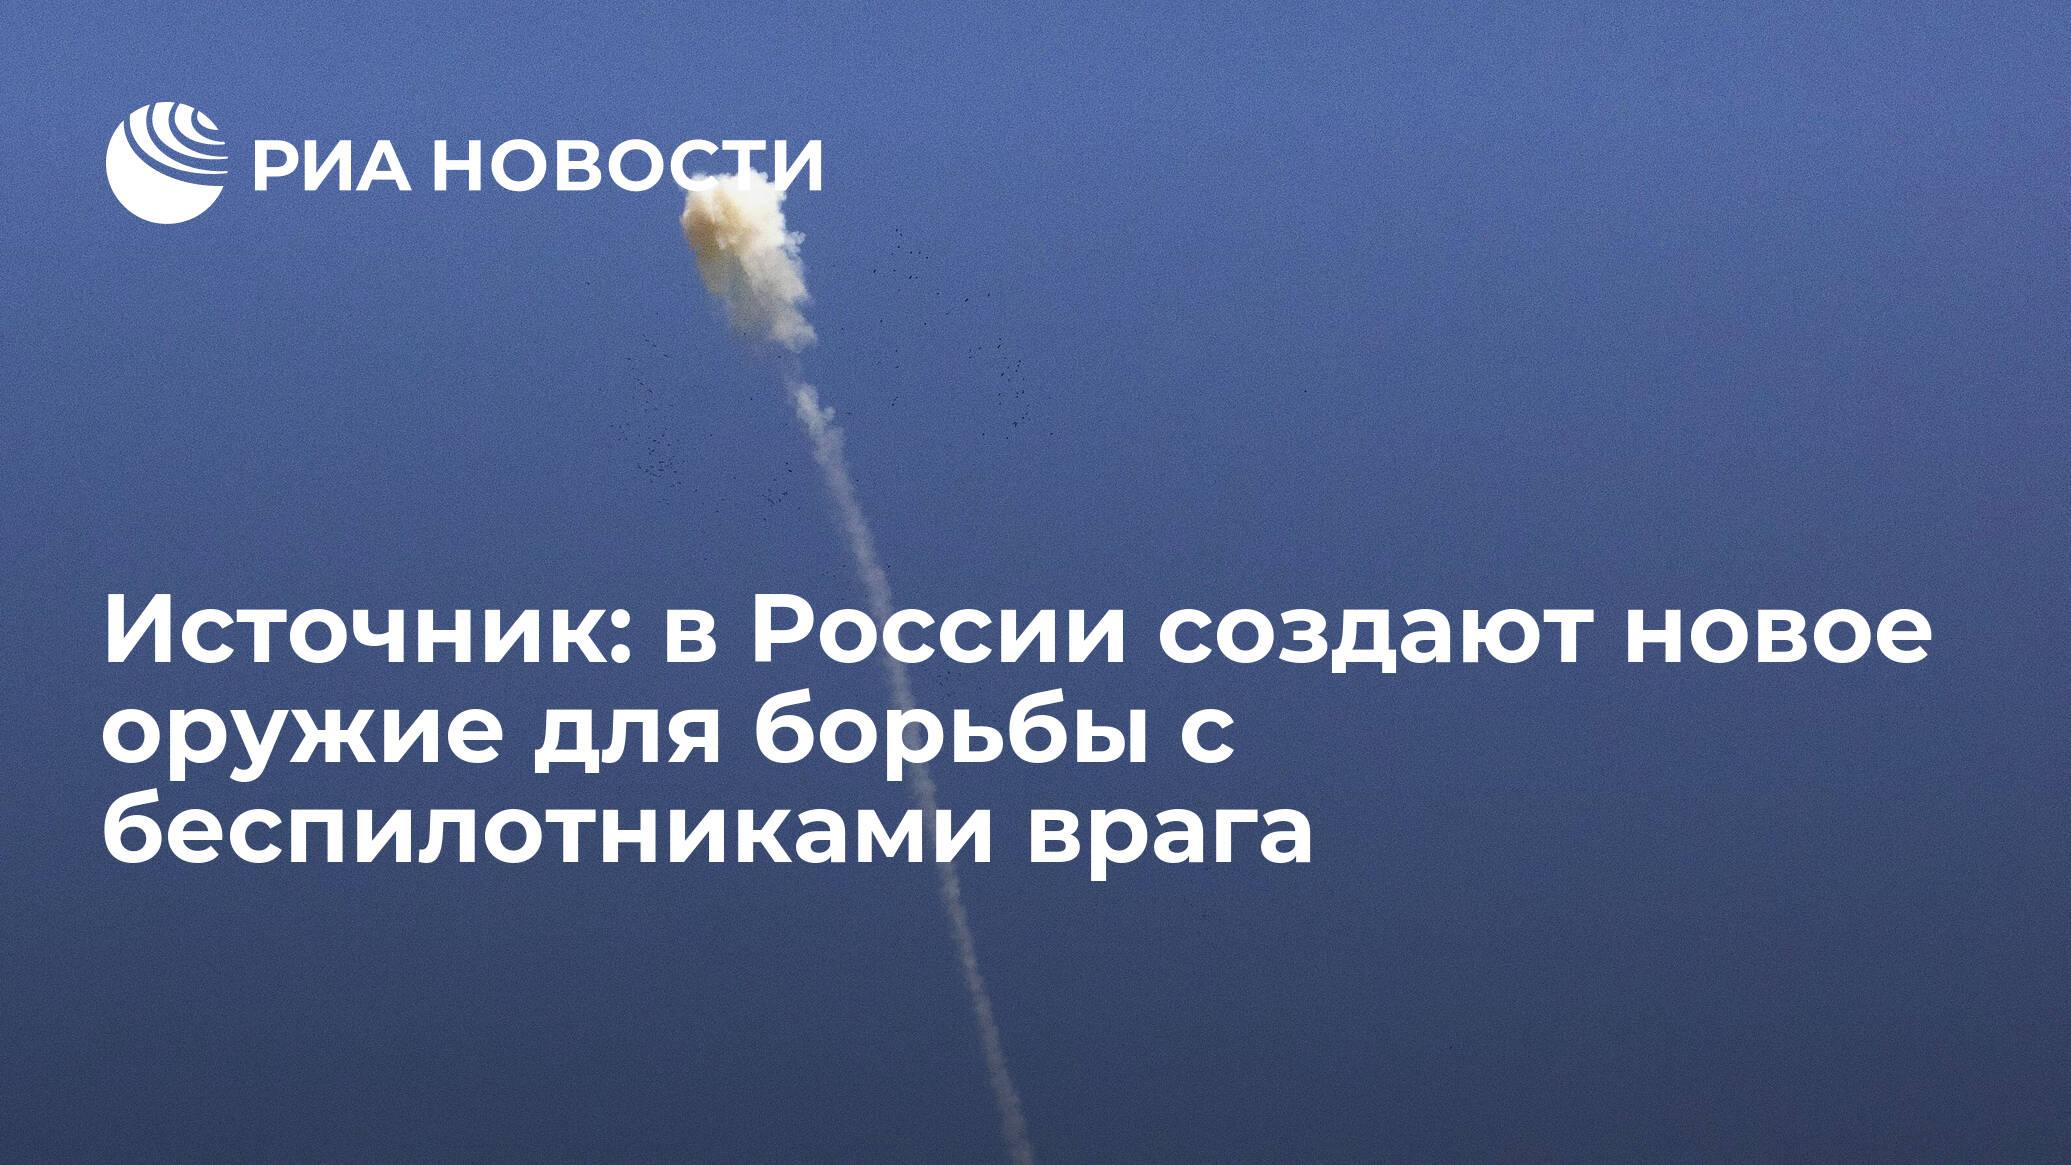 Источник: в России создают новое оружие для борьбы с беспилотниками врага